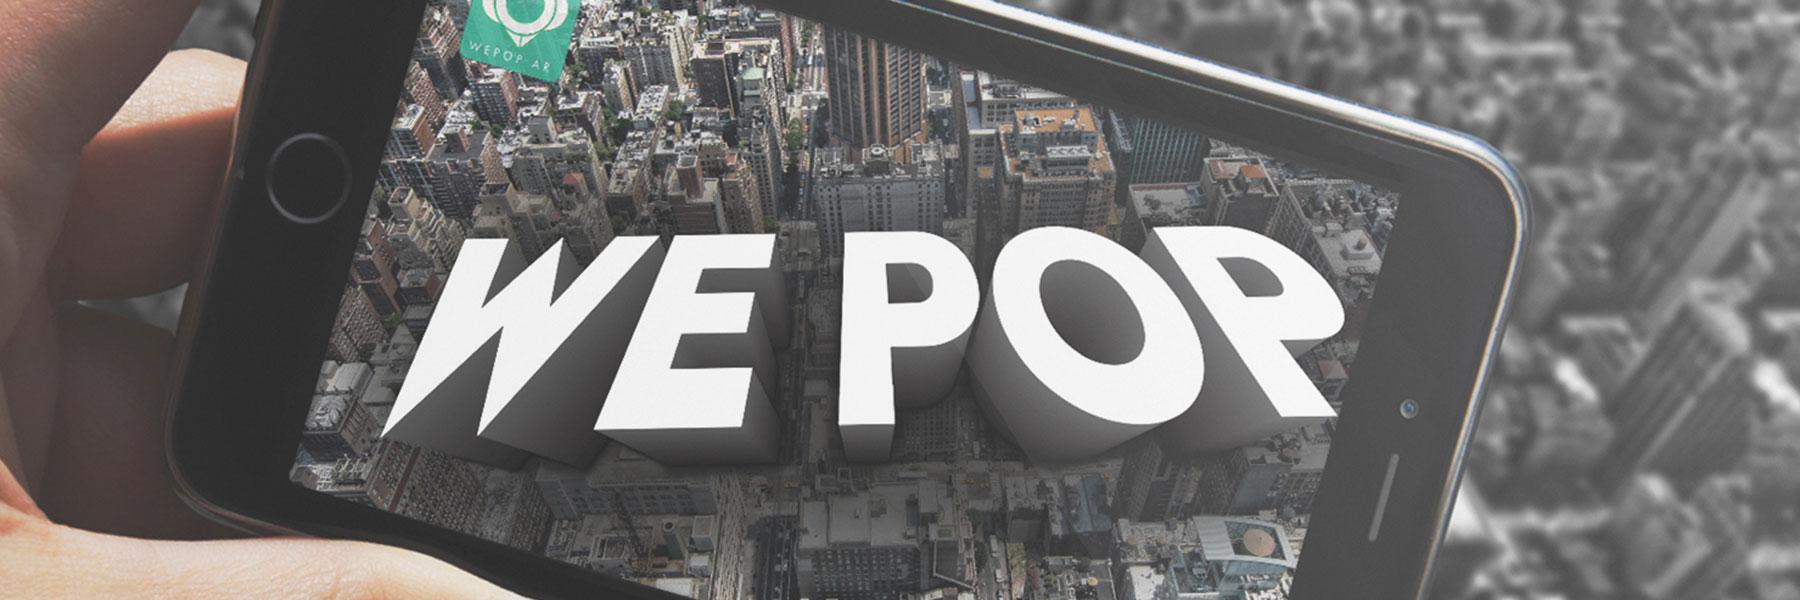 We Pop